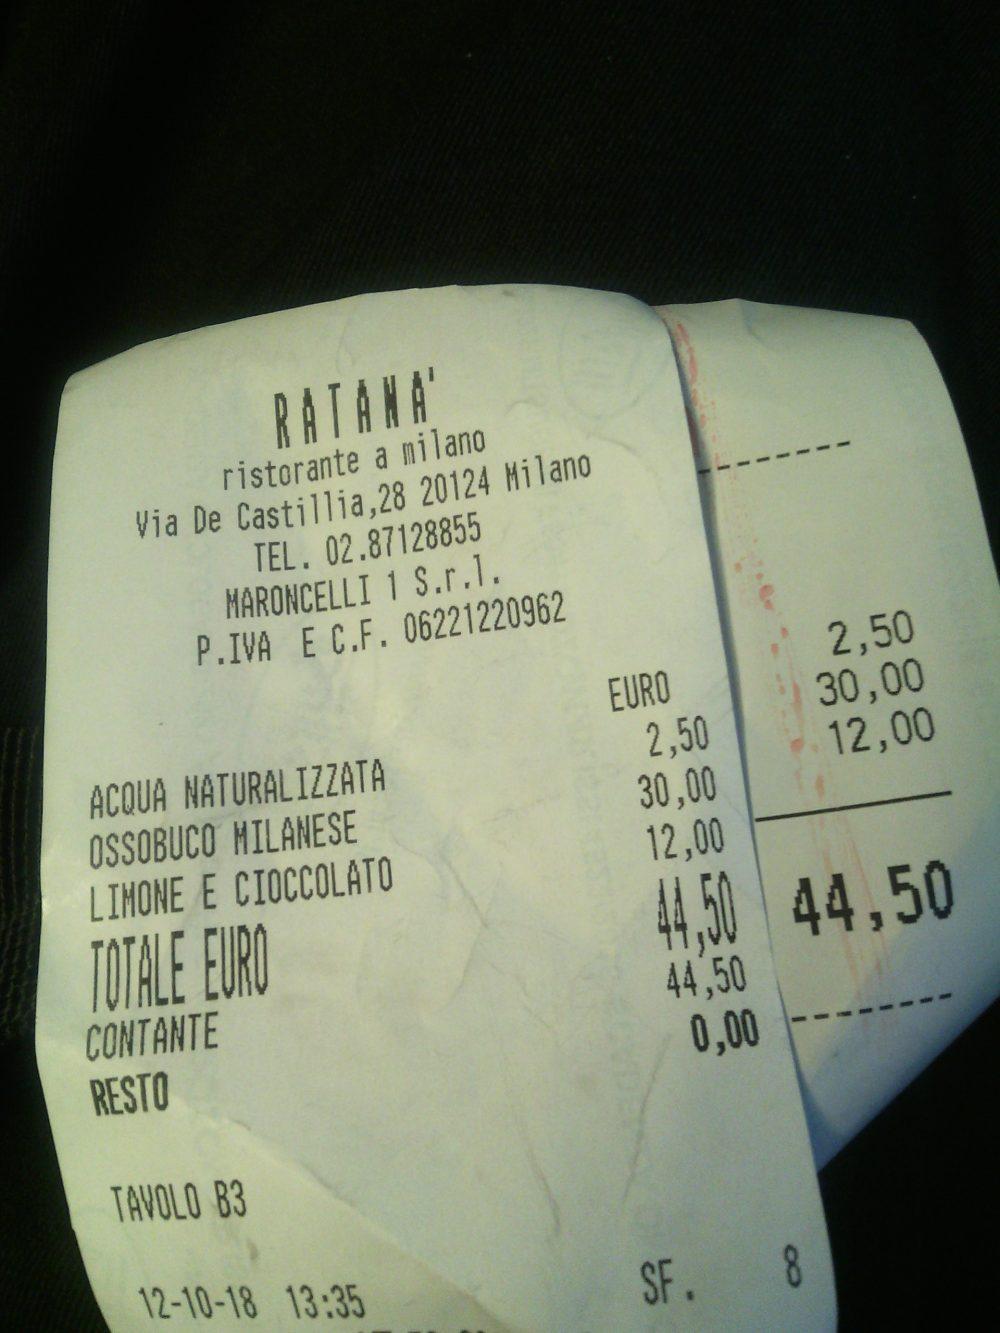 Ratana', conto